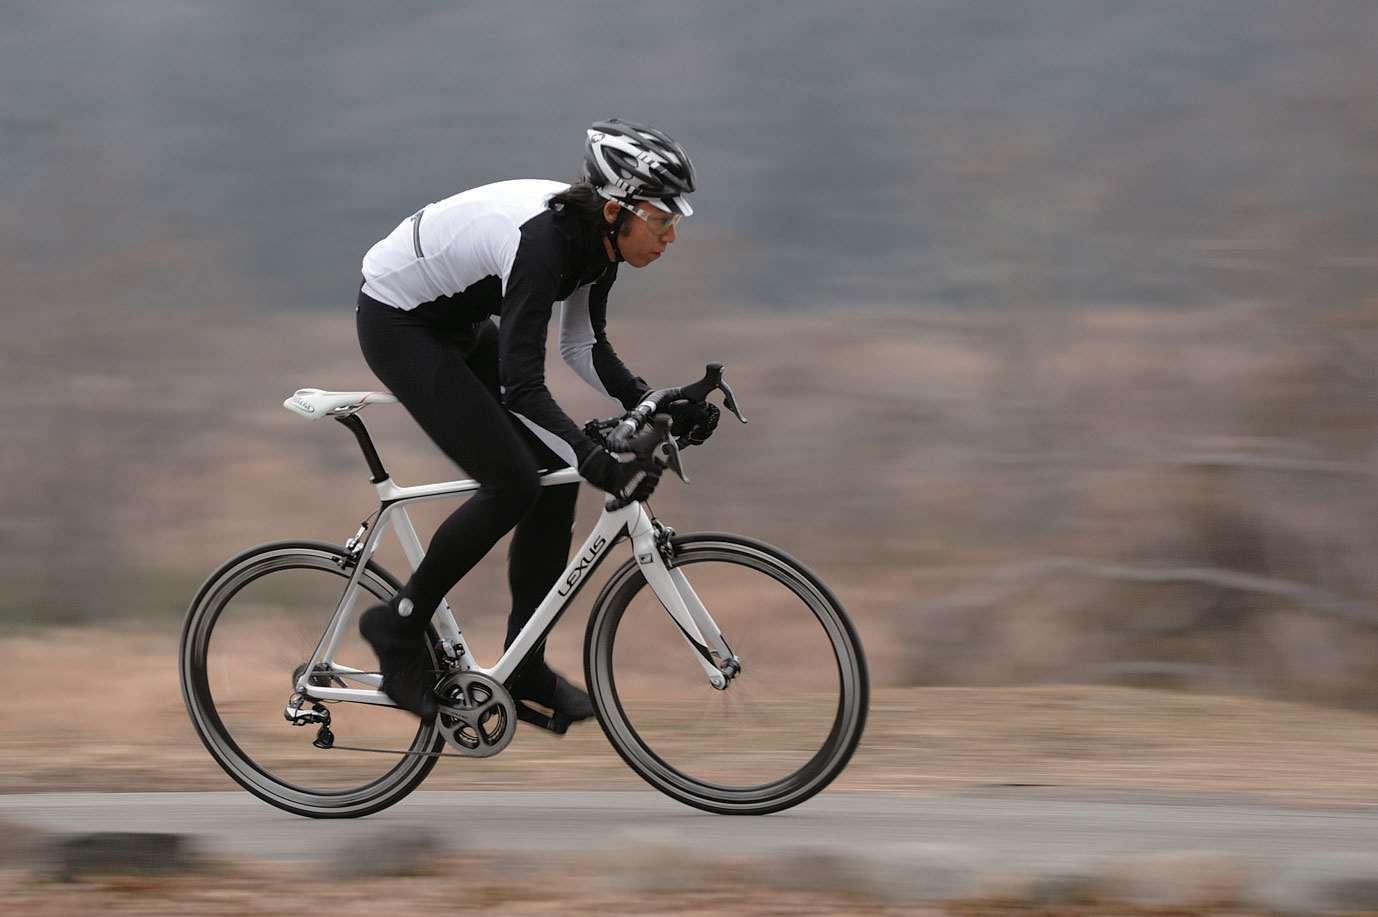 Lexus Lfa For Sale >> Lexus F Sport carbon-fibre bicycle marks end of LFA production